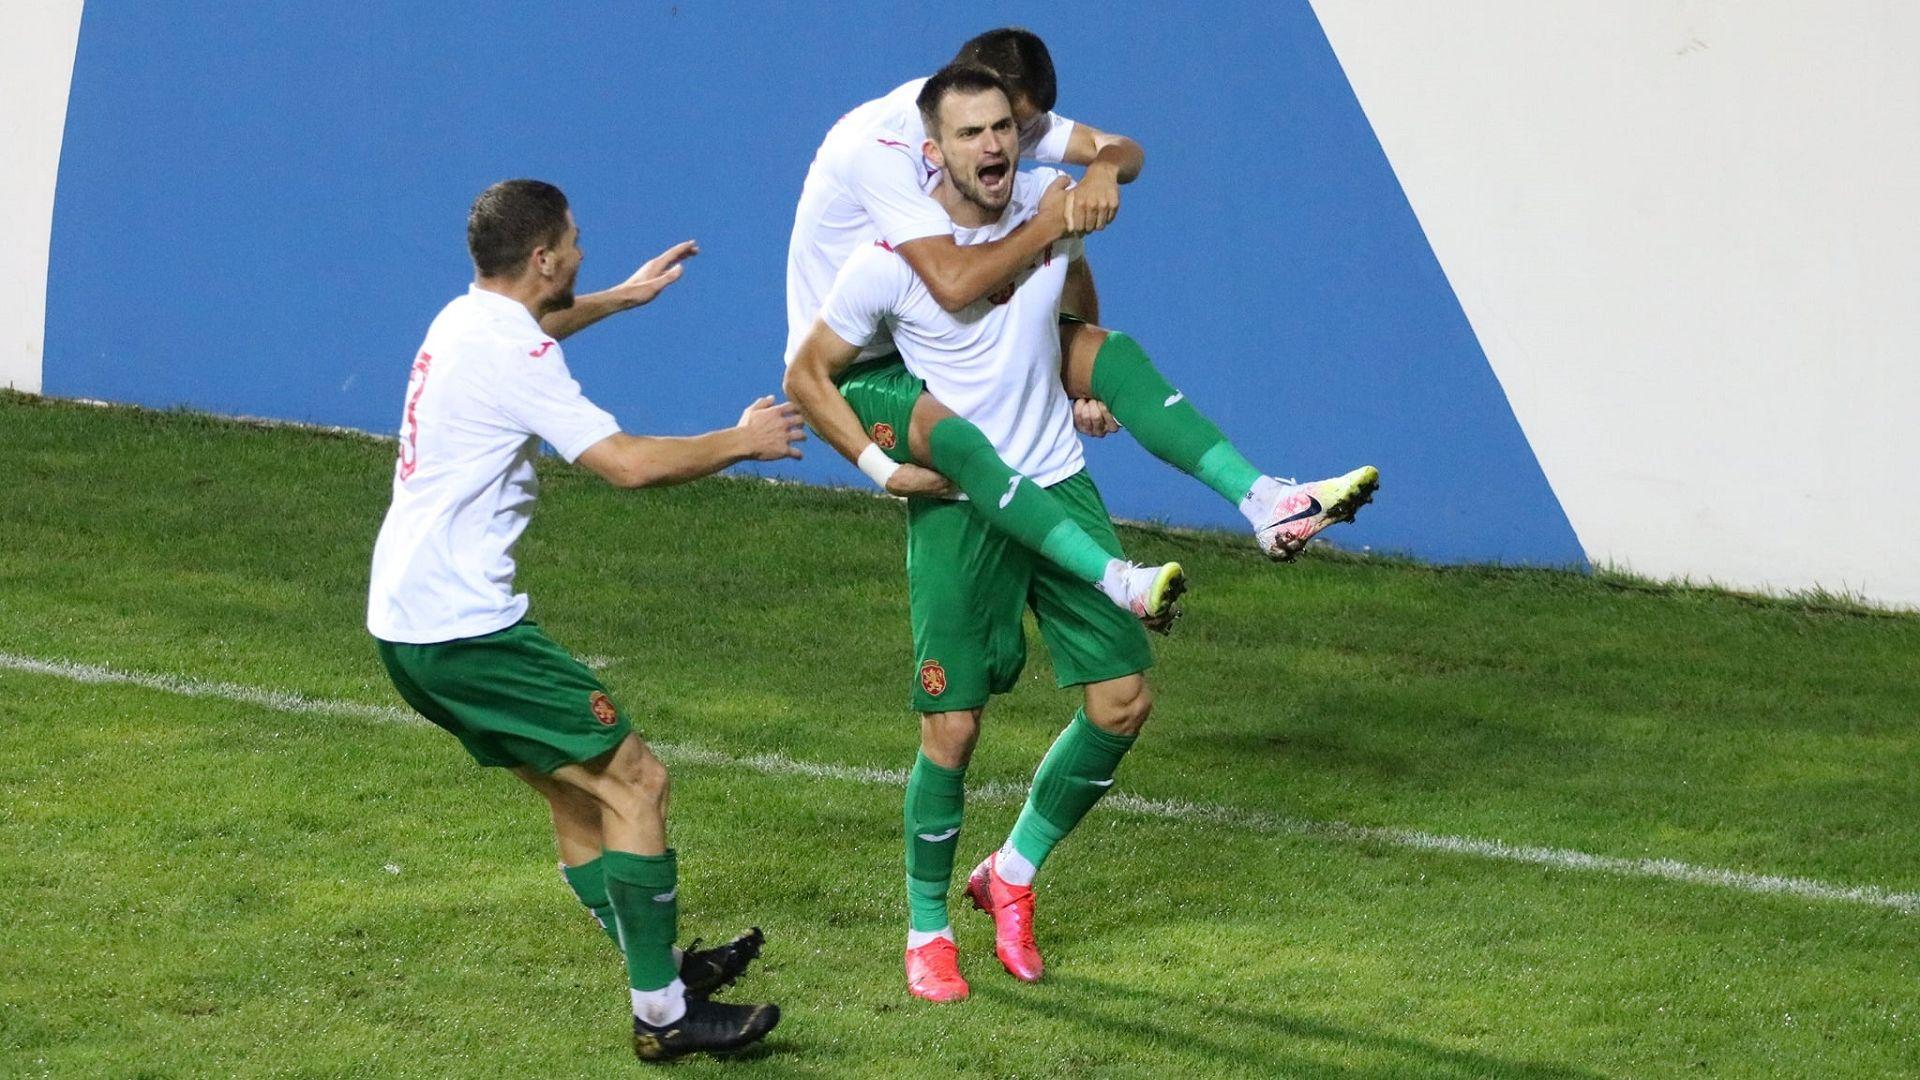 Младежите ни отсрамиха българския футбол с победа над Сърбия